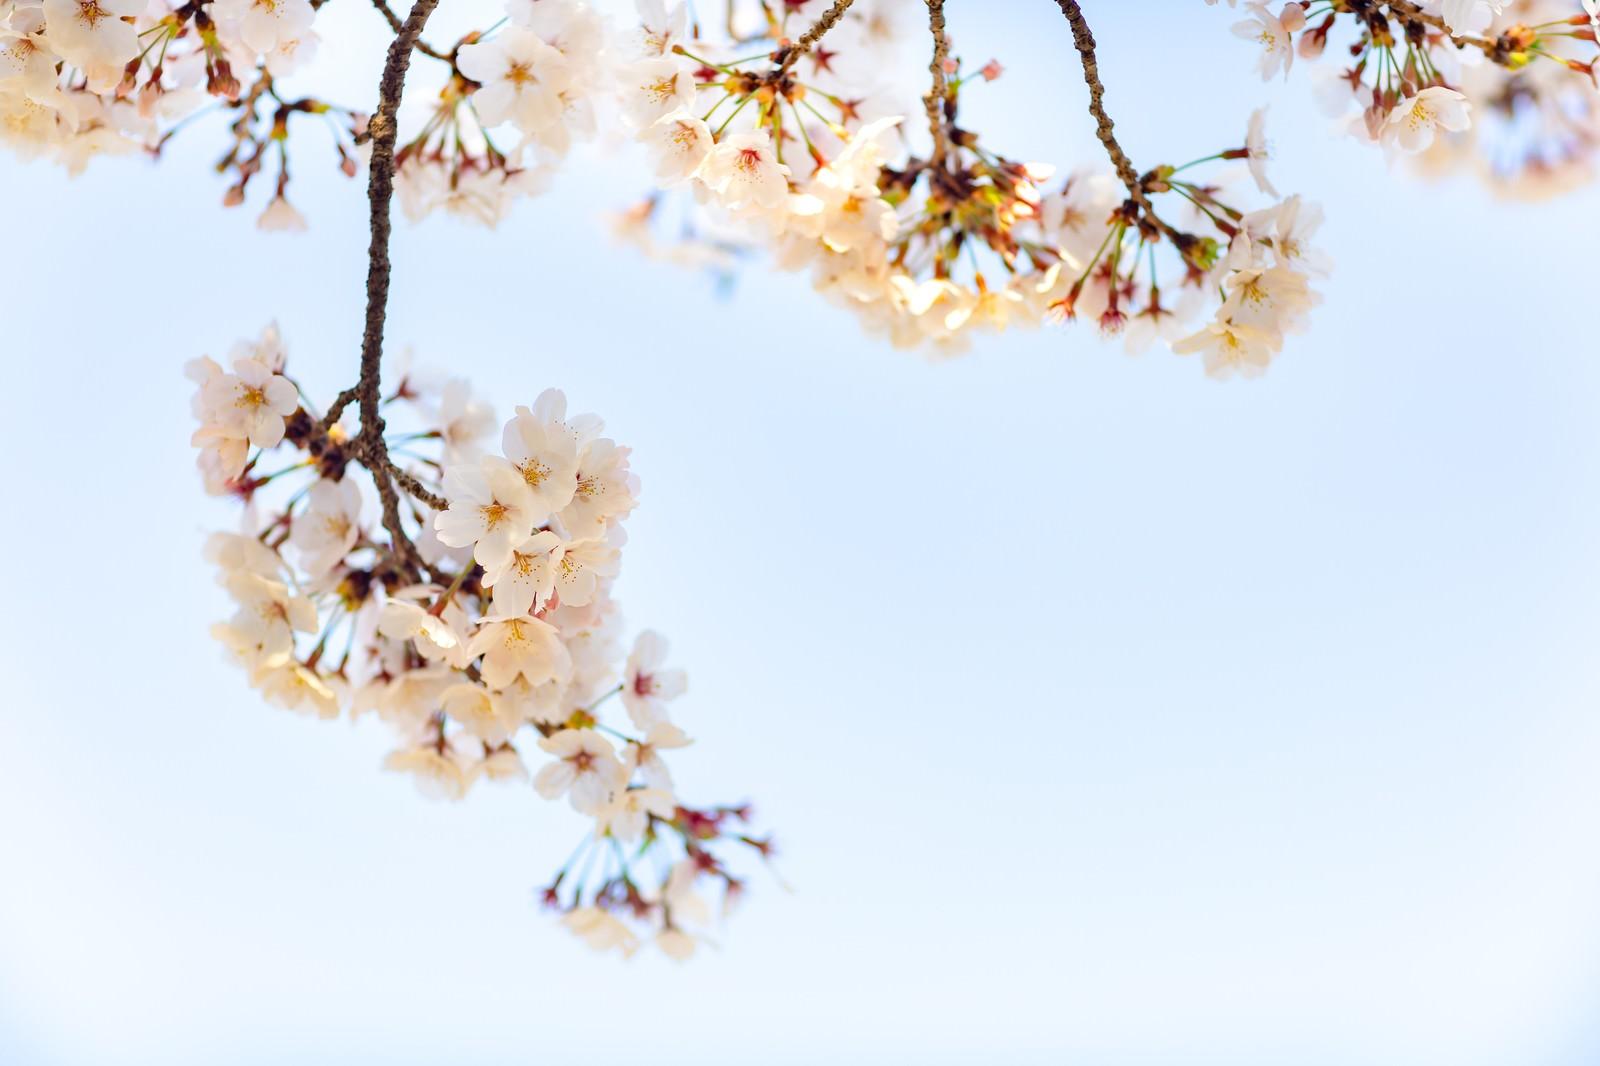 「霞む空と桜」の写真